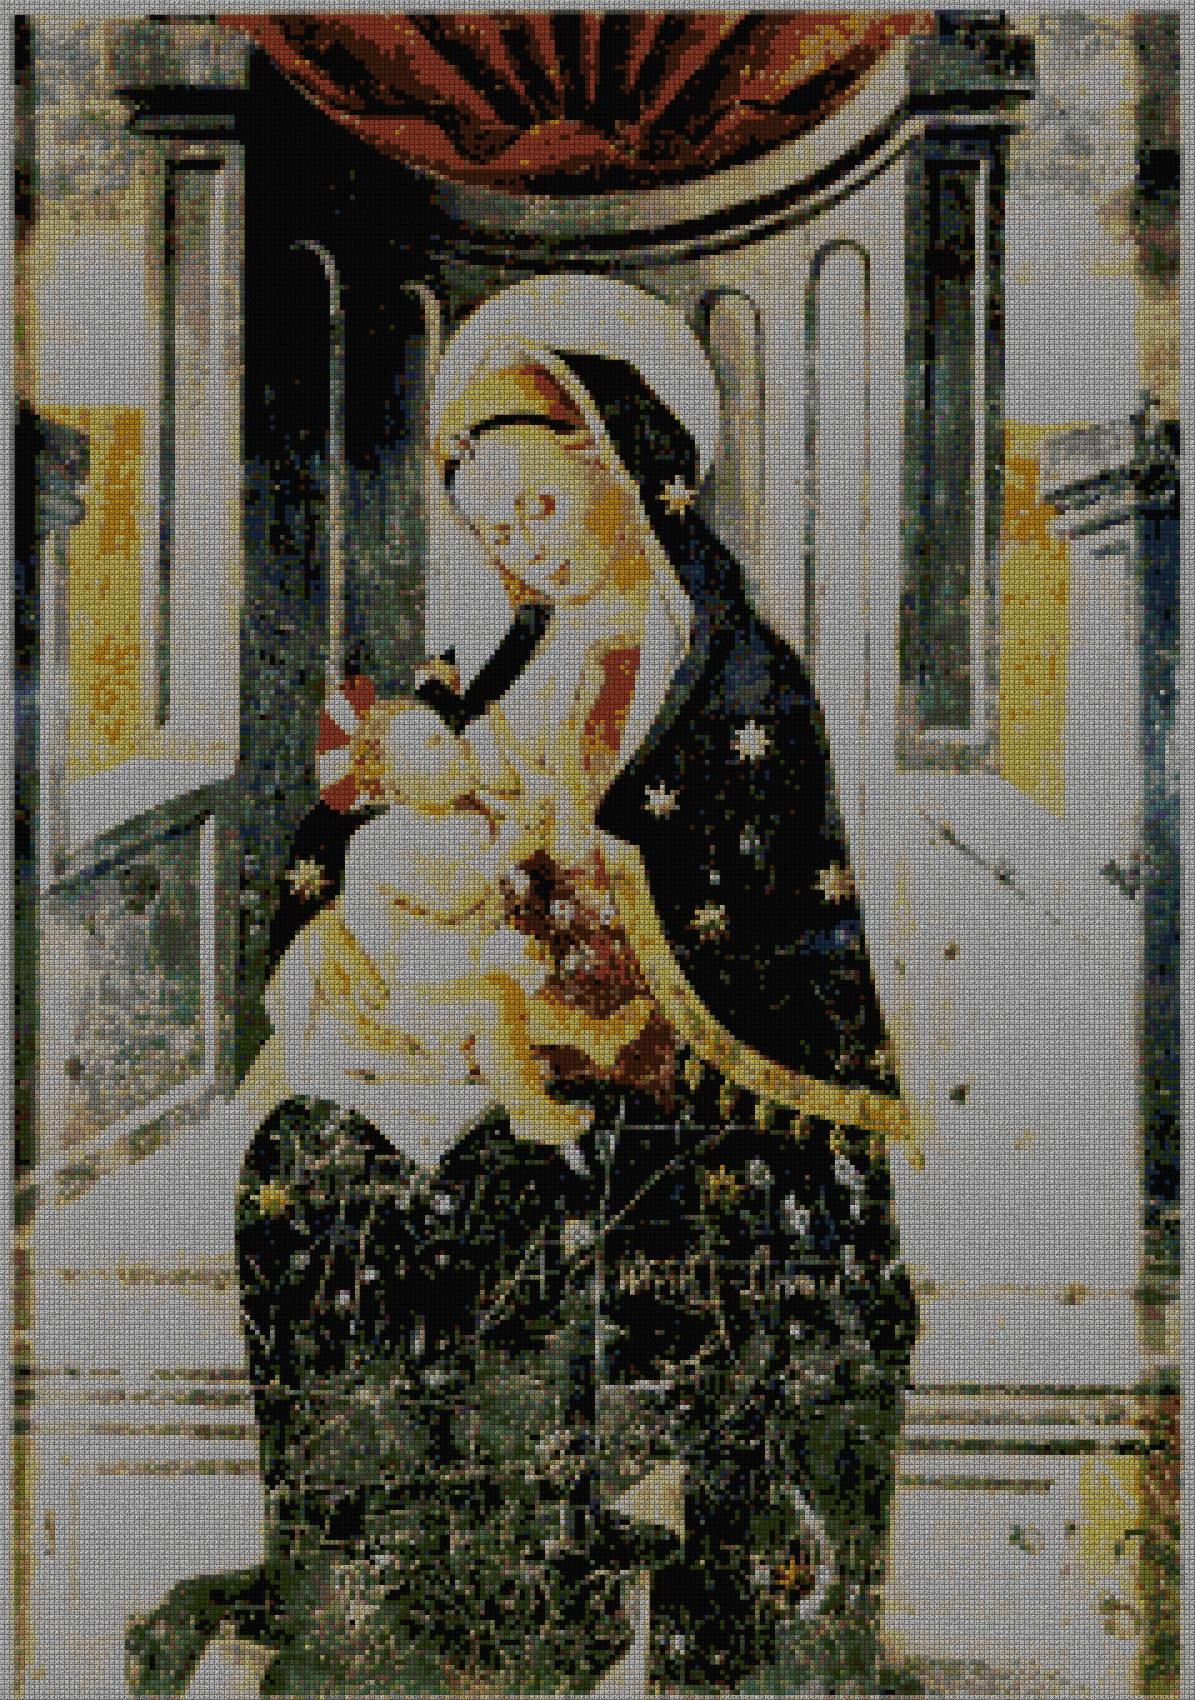 schemi_misti/religione/madonnadelvalinotto_s.jpg